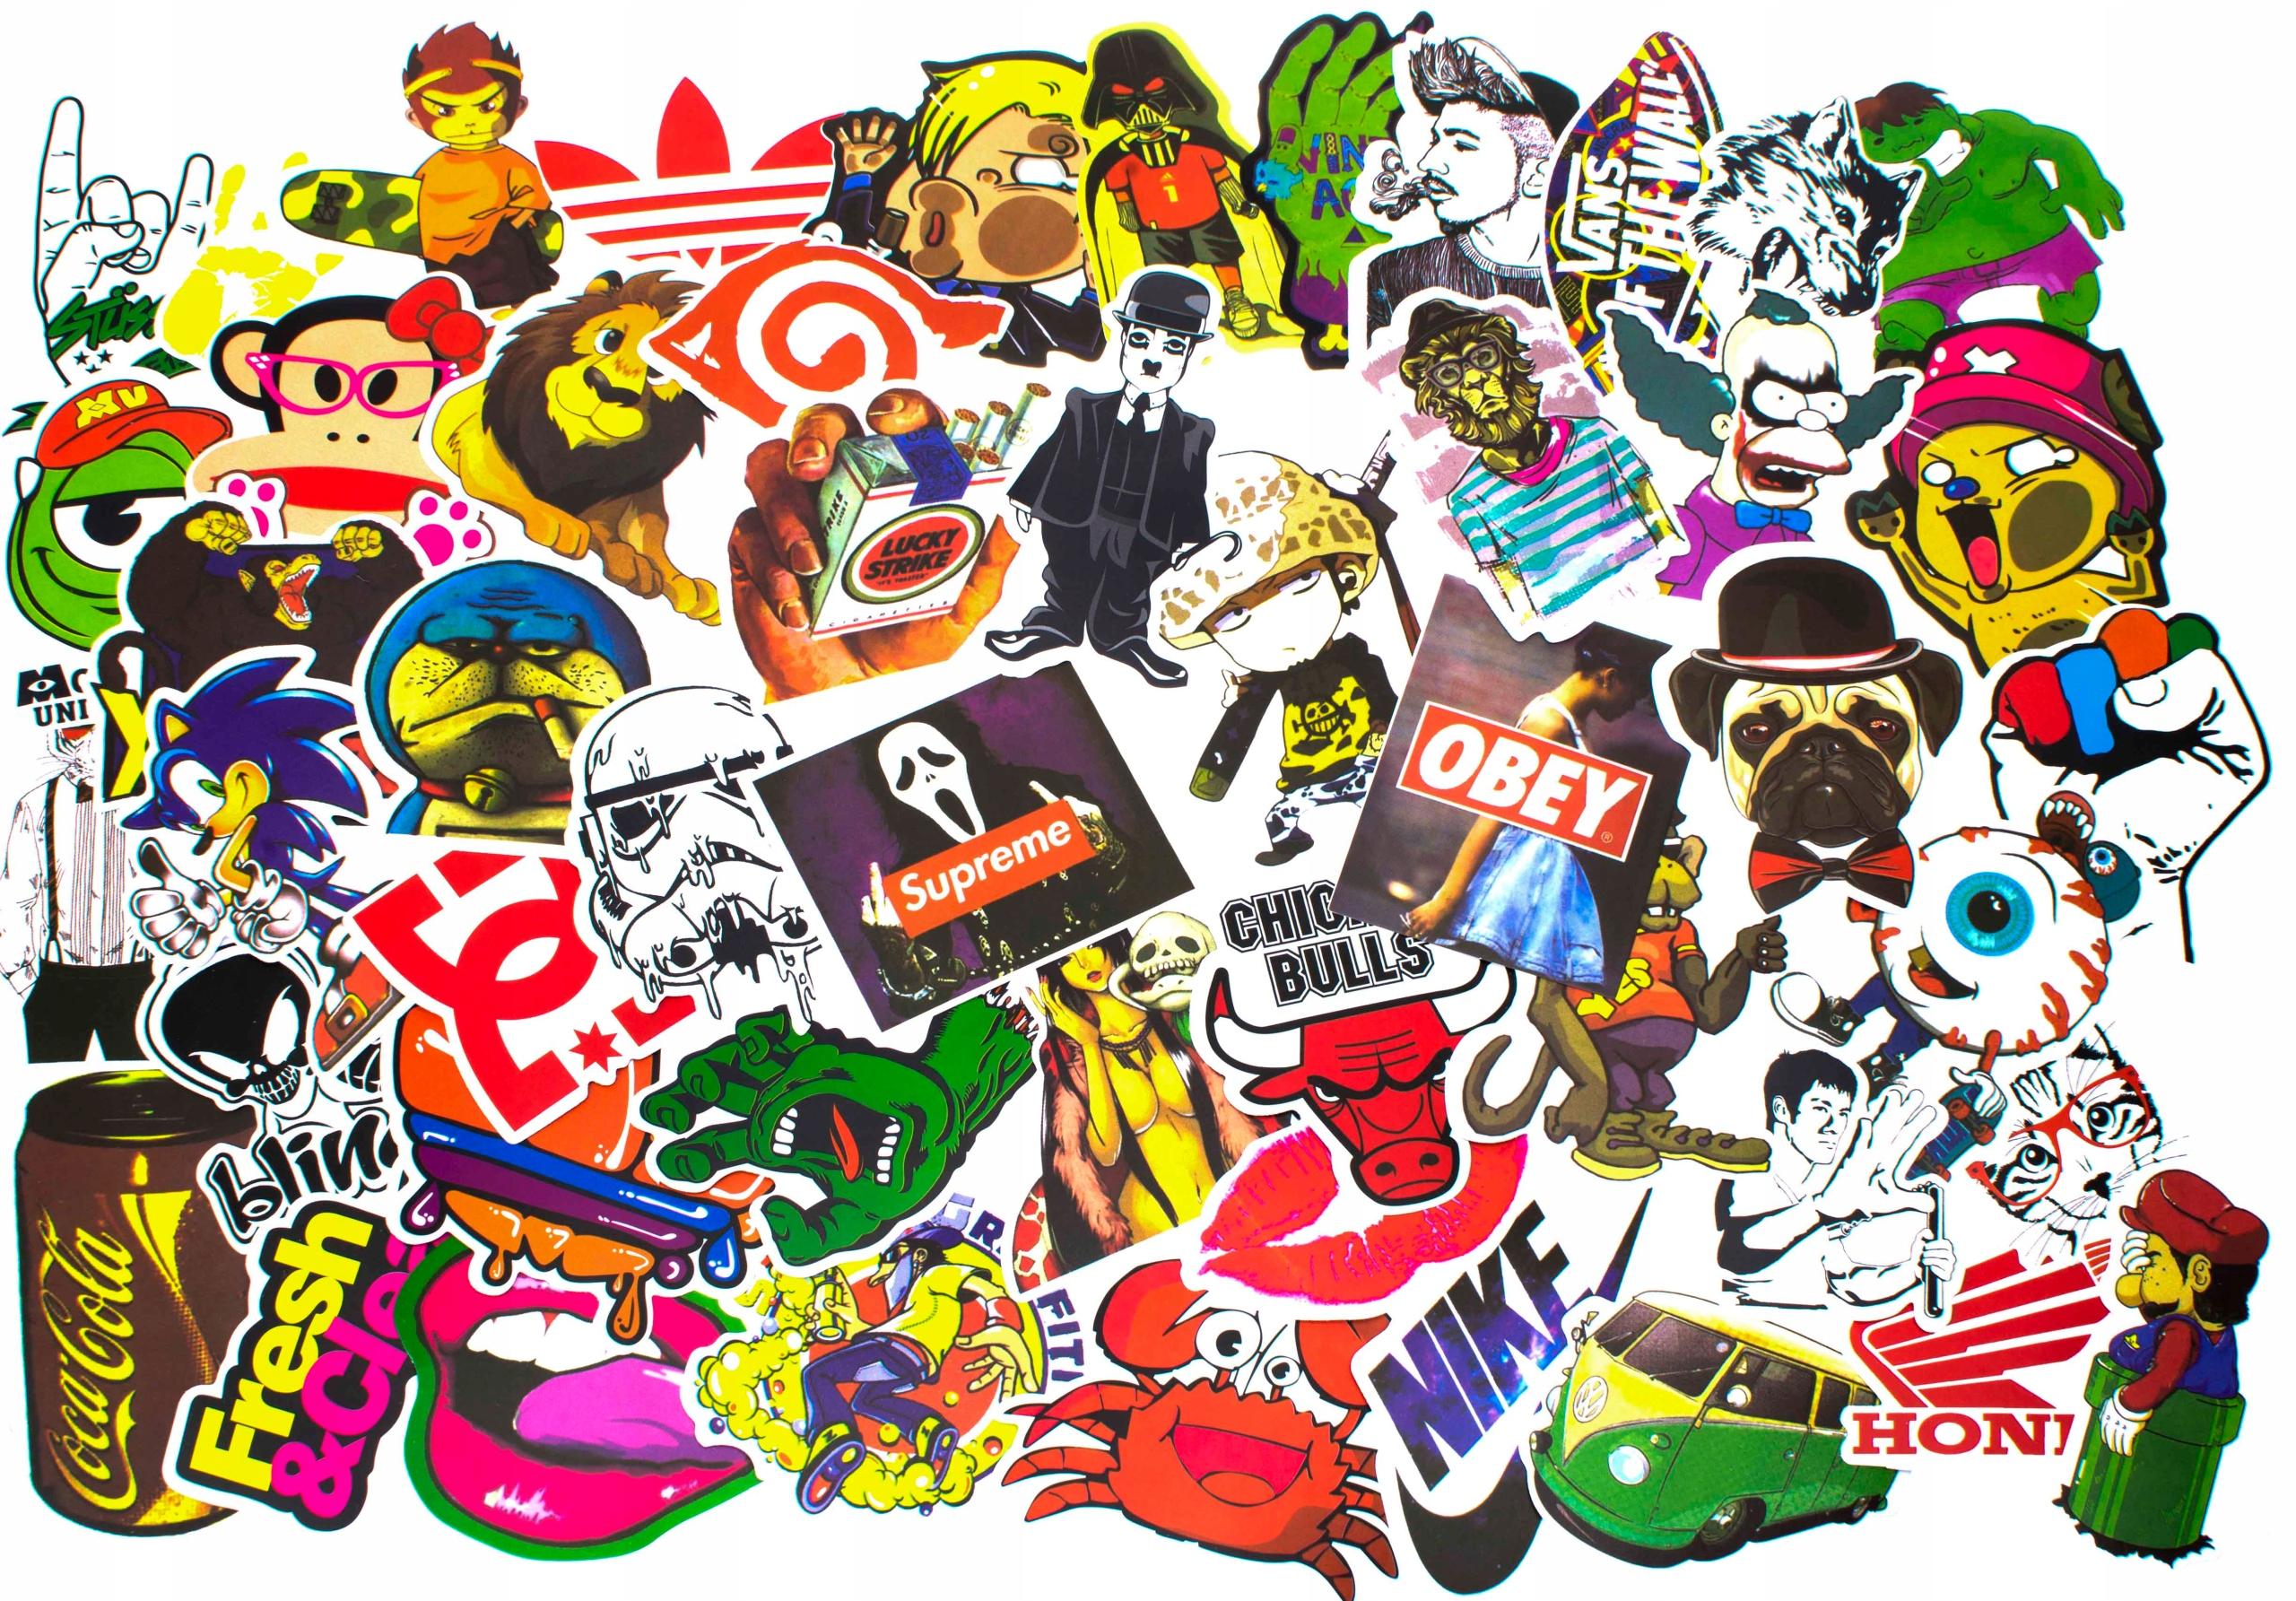 Много стикеров в одной картинке цветные